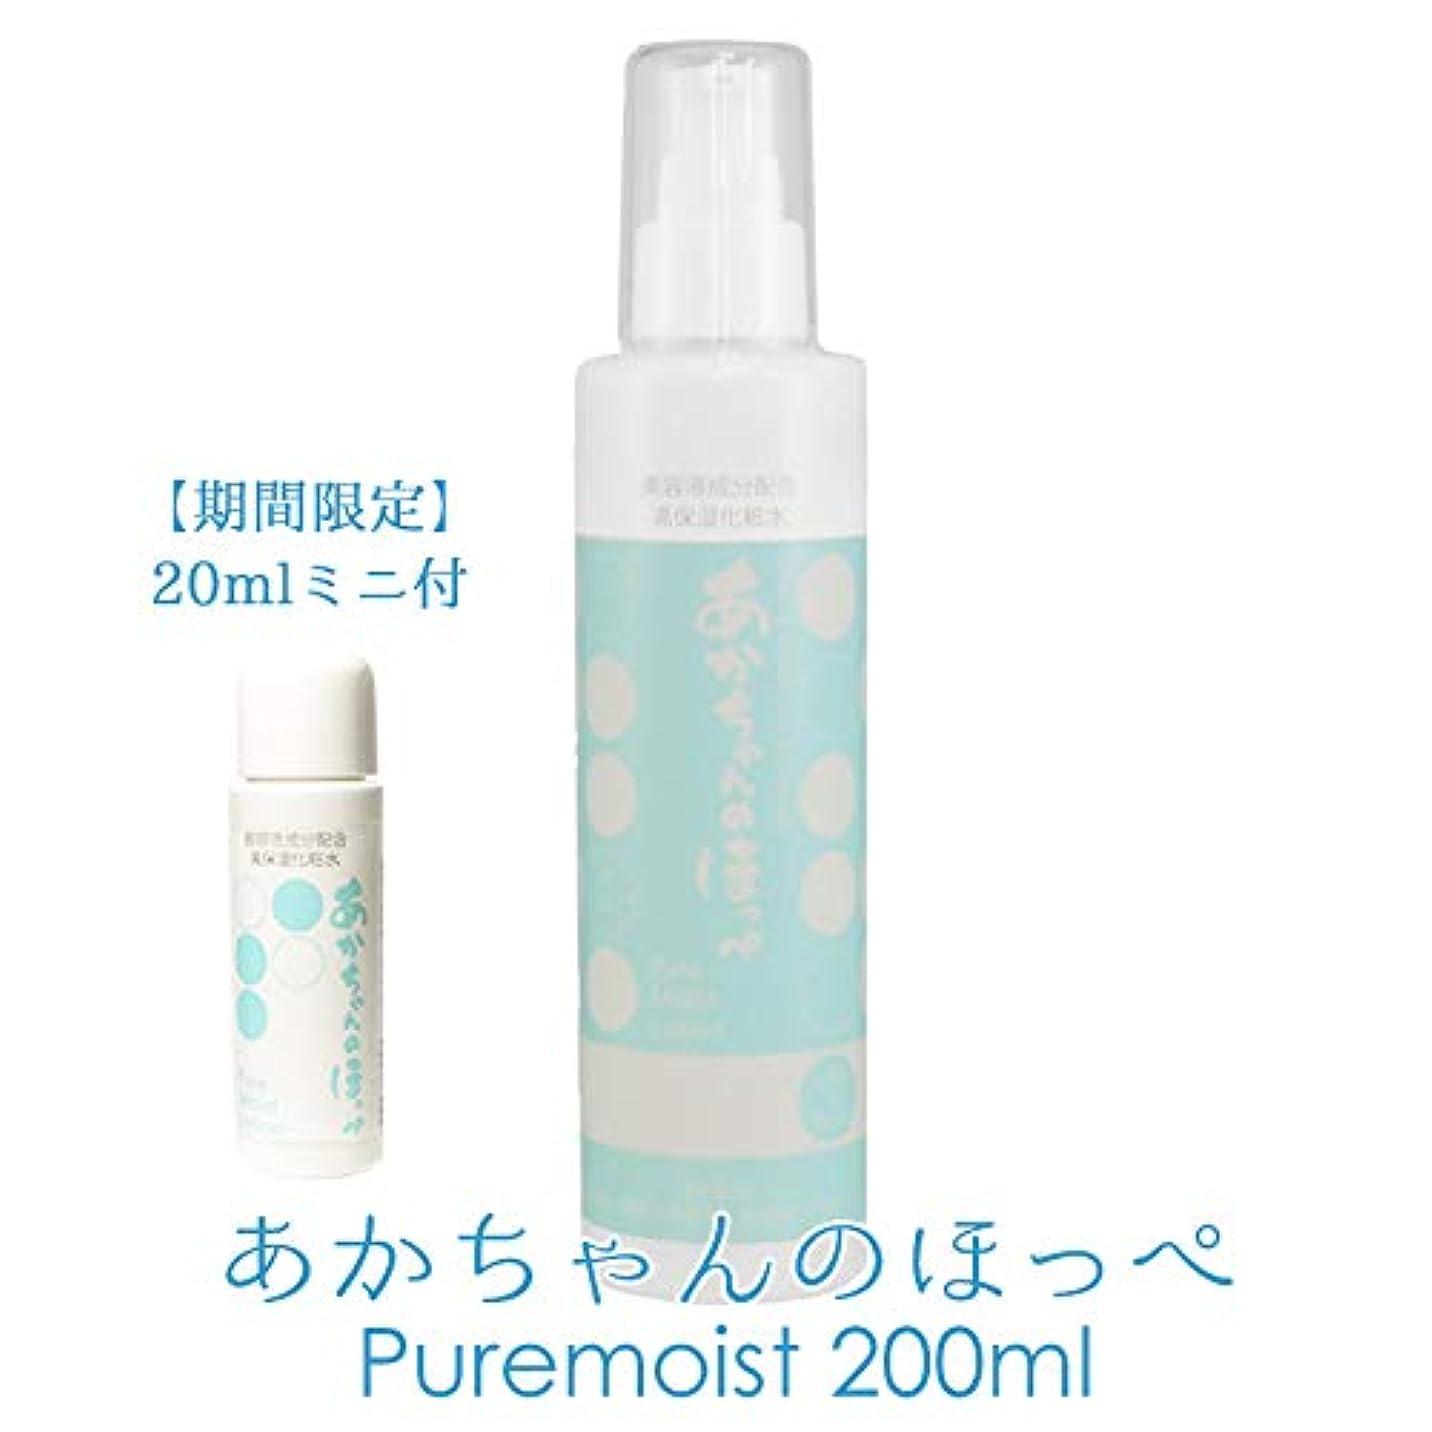 気取らないレモンリテラシー美容液からつくった高保湿栄養化粧水 「あかちゃんのほっぺ」 PureMoist 200ml 明日のお肌が好きになる化粧水